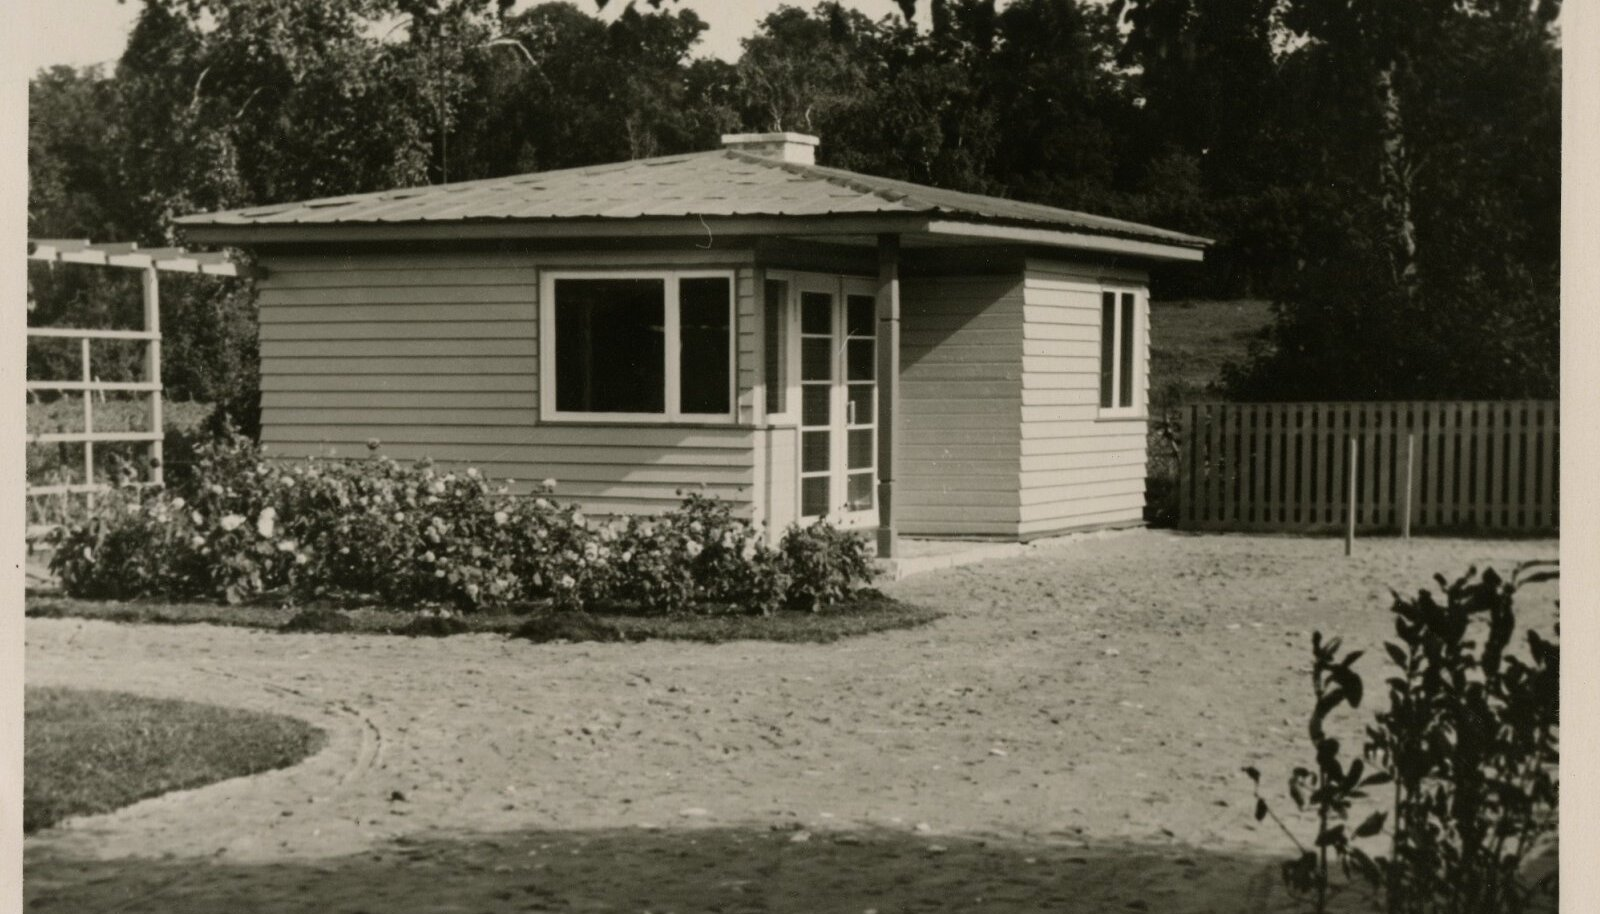 Tüüpmaja S-2 on 1957. aastal valminud kõige varasem suvilatüüp, mida massiliselt ehitati Mähele, Muugale, Laulasmaale ja mujale, sest muid projekte toona saada polnud.